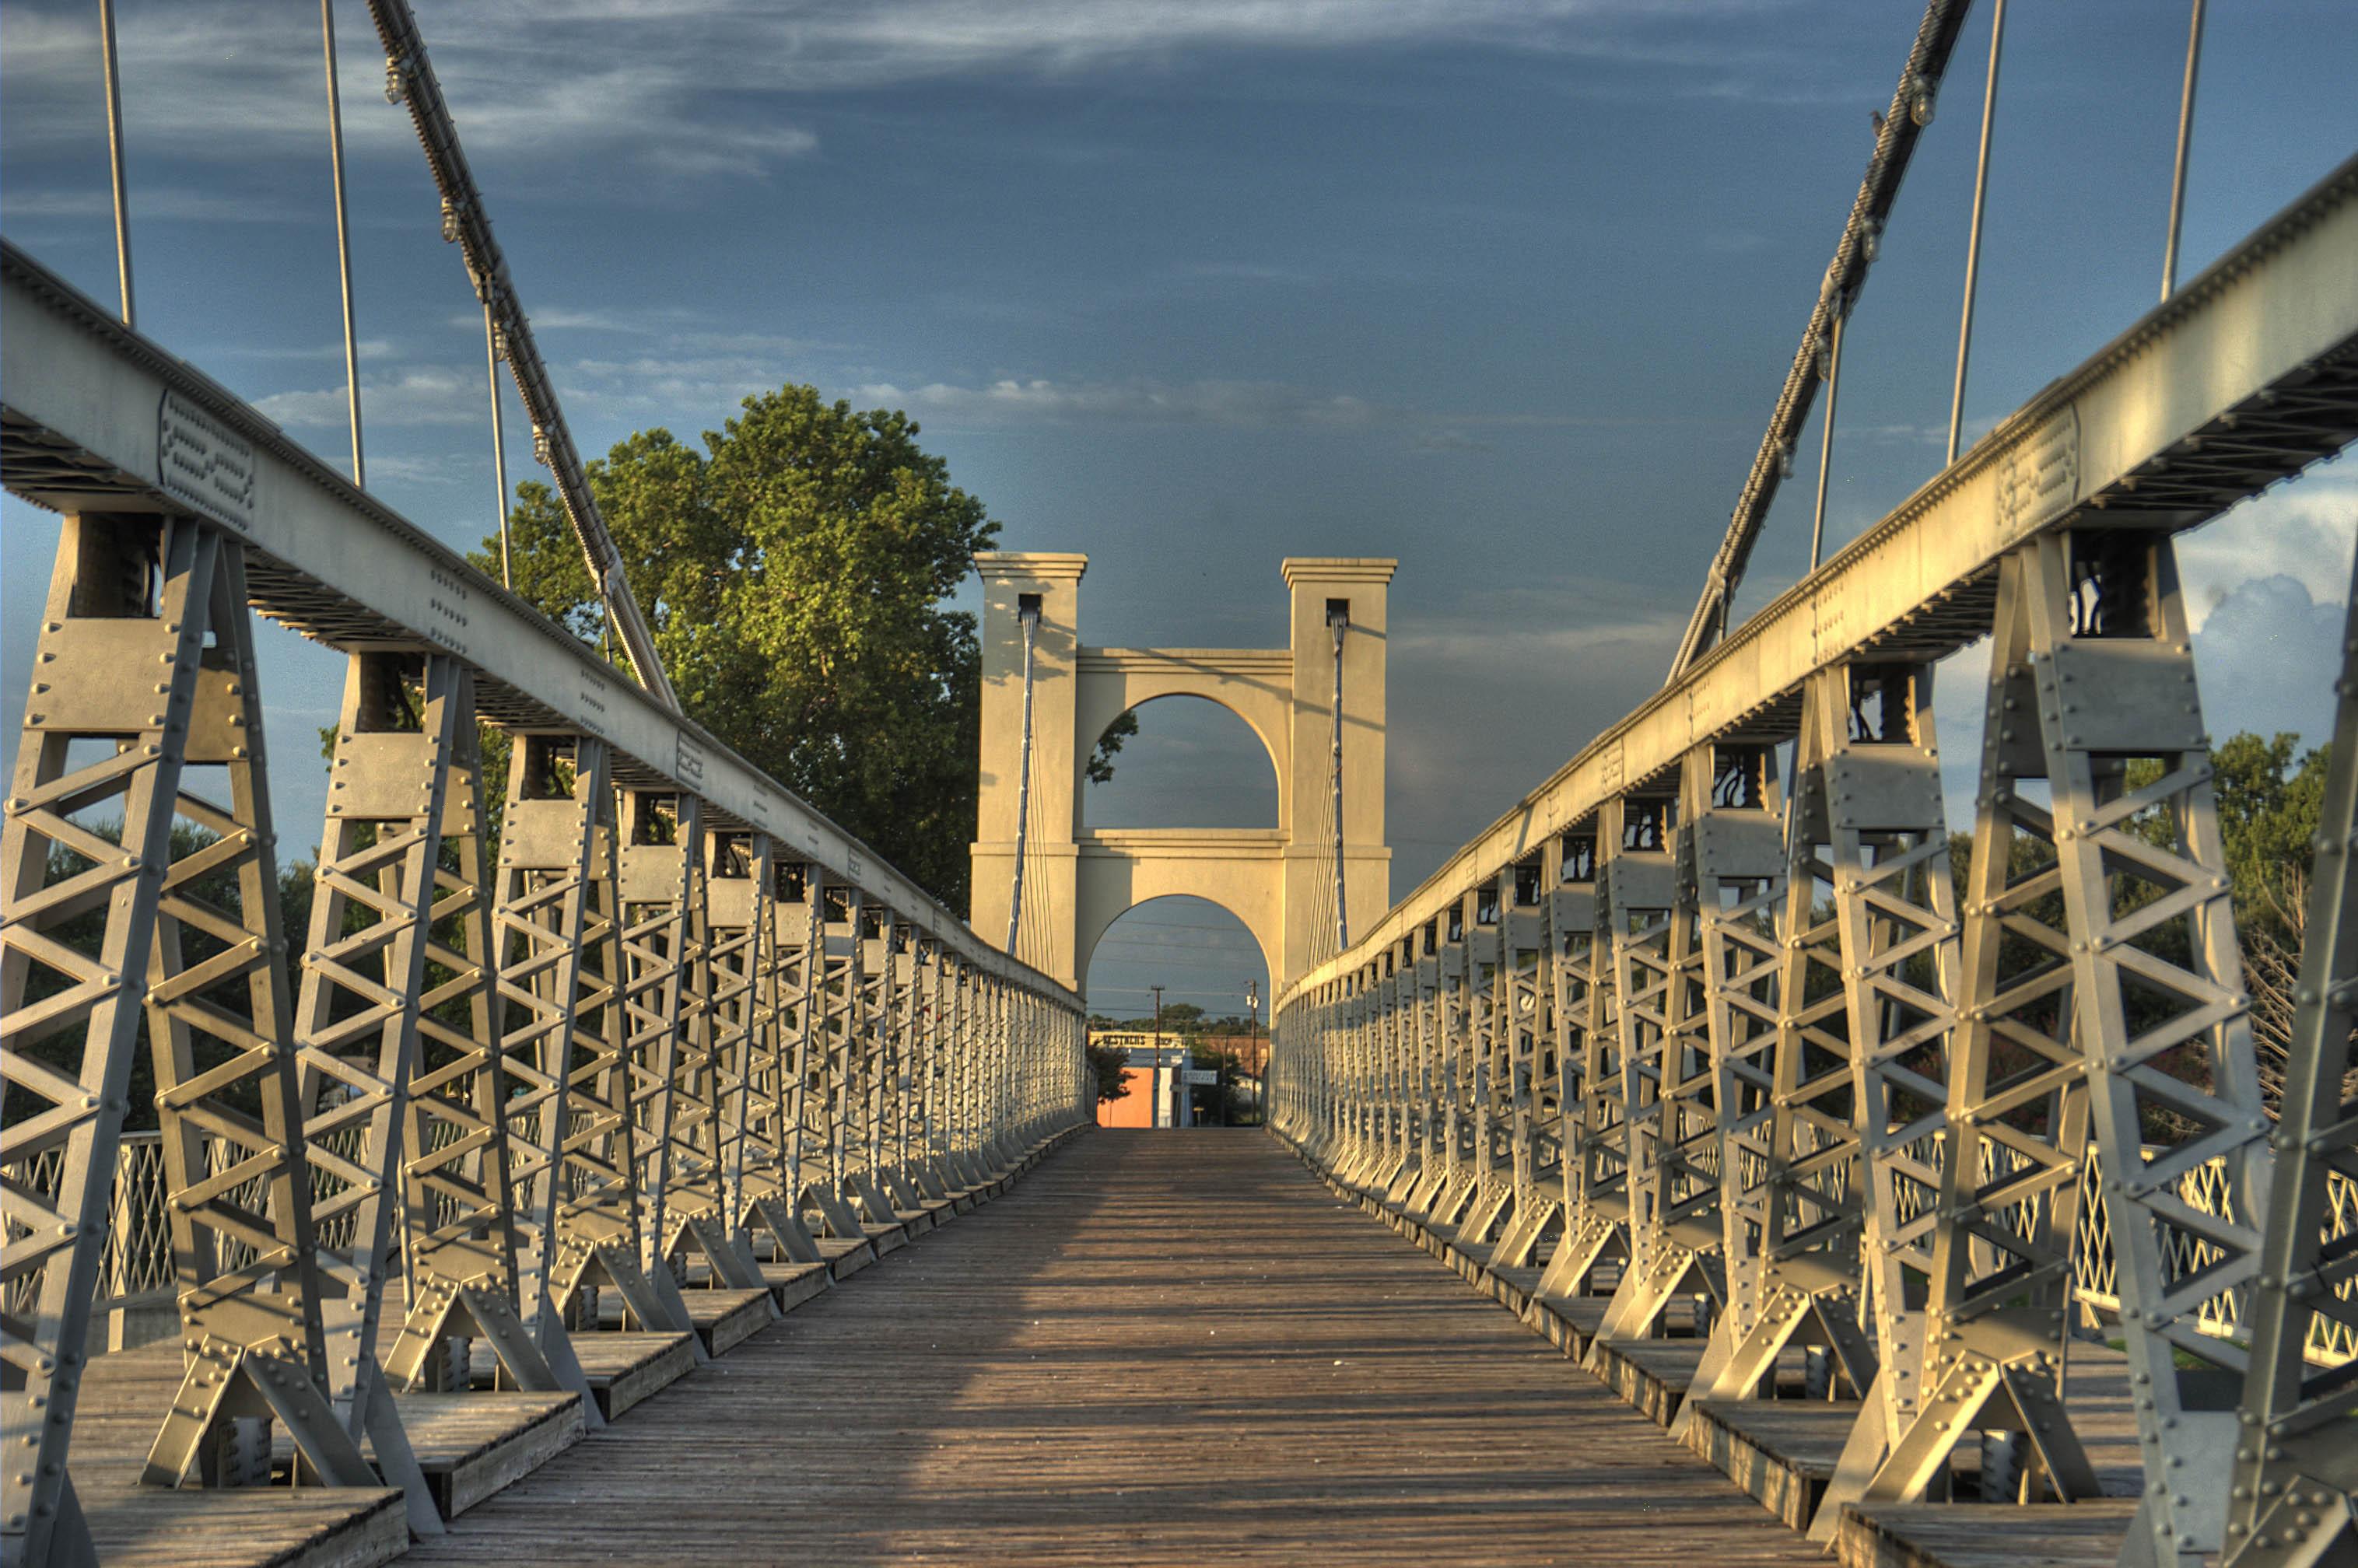 Suspension Bridge Waco